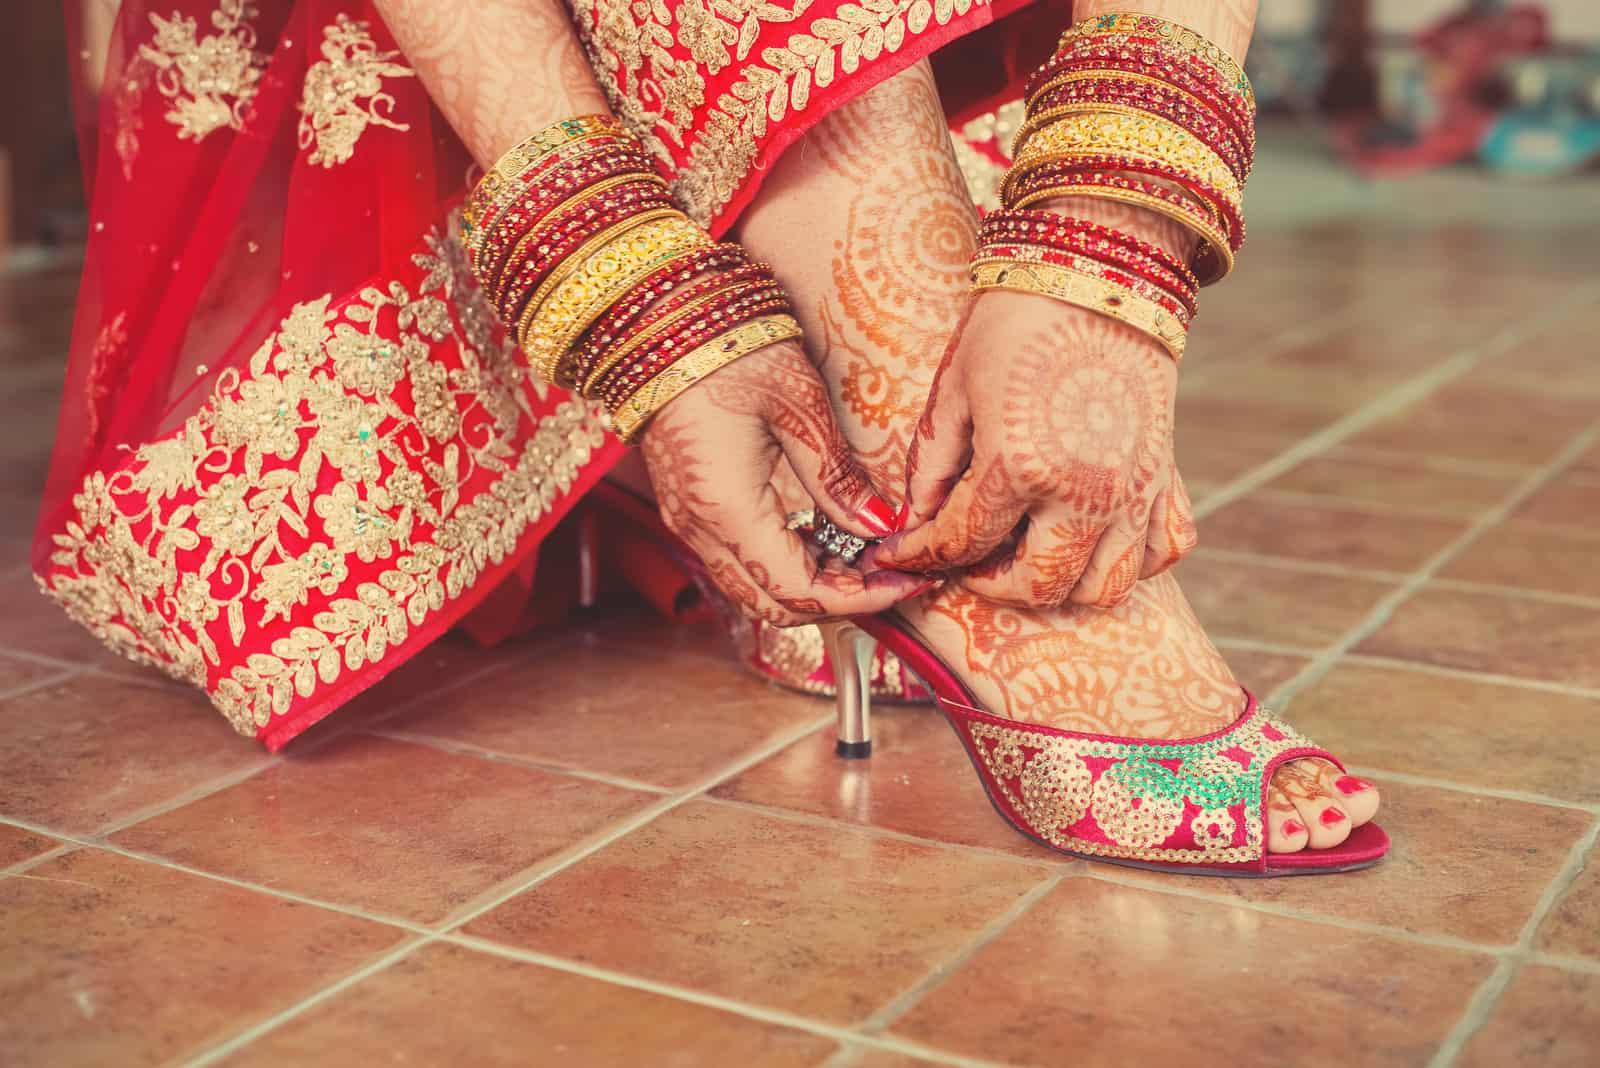 Hochzeitsentwurf auf den Füßen und Händen der roten gekleideten Braut